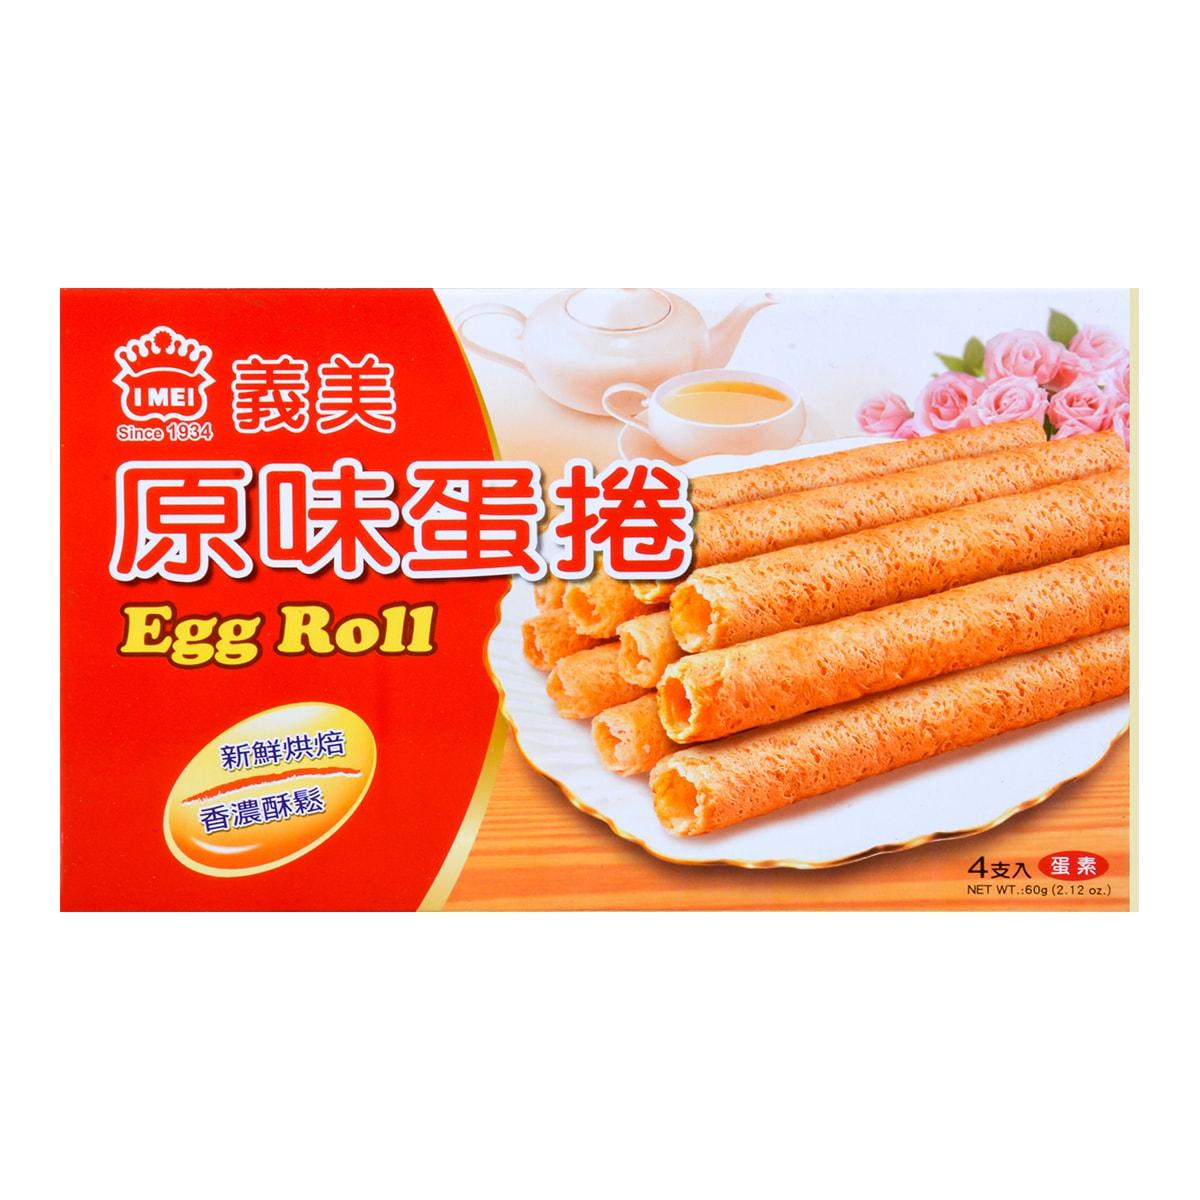 台湾IMEI义美 名产蛋卷 原味 60g